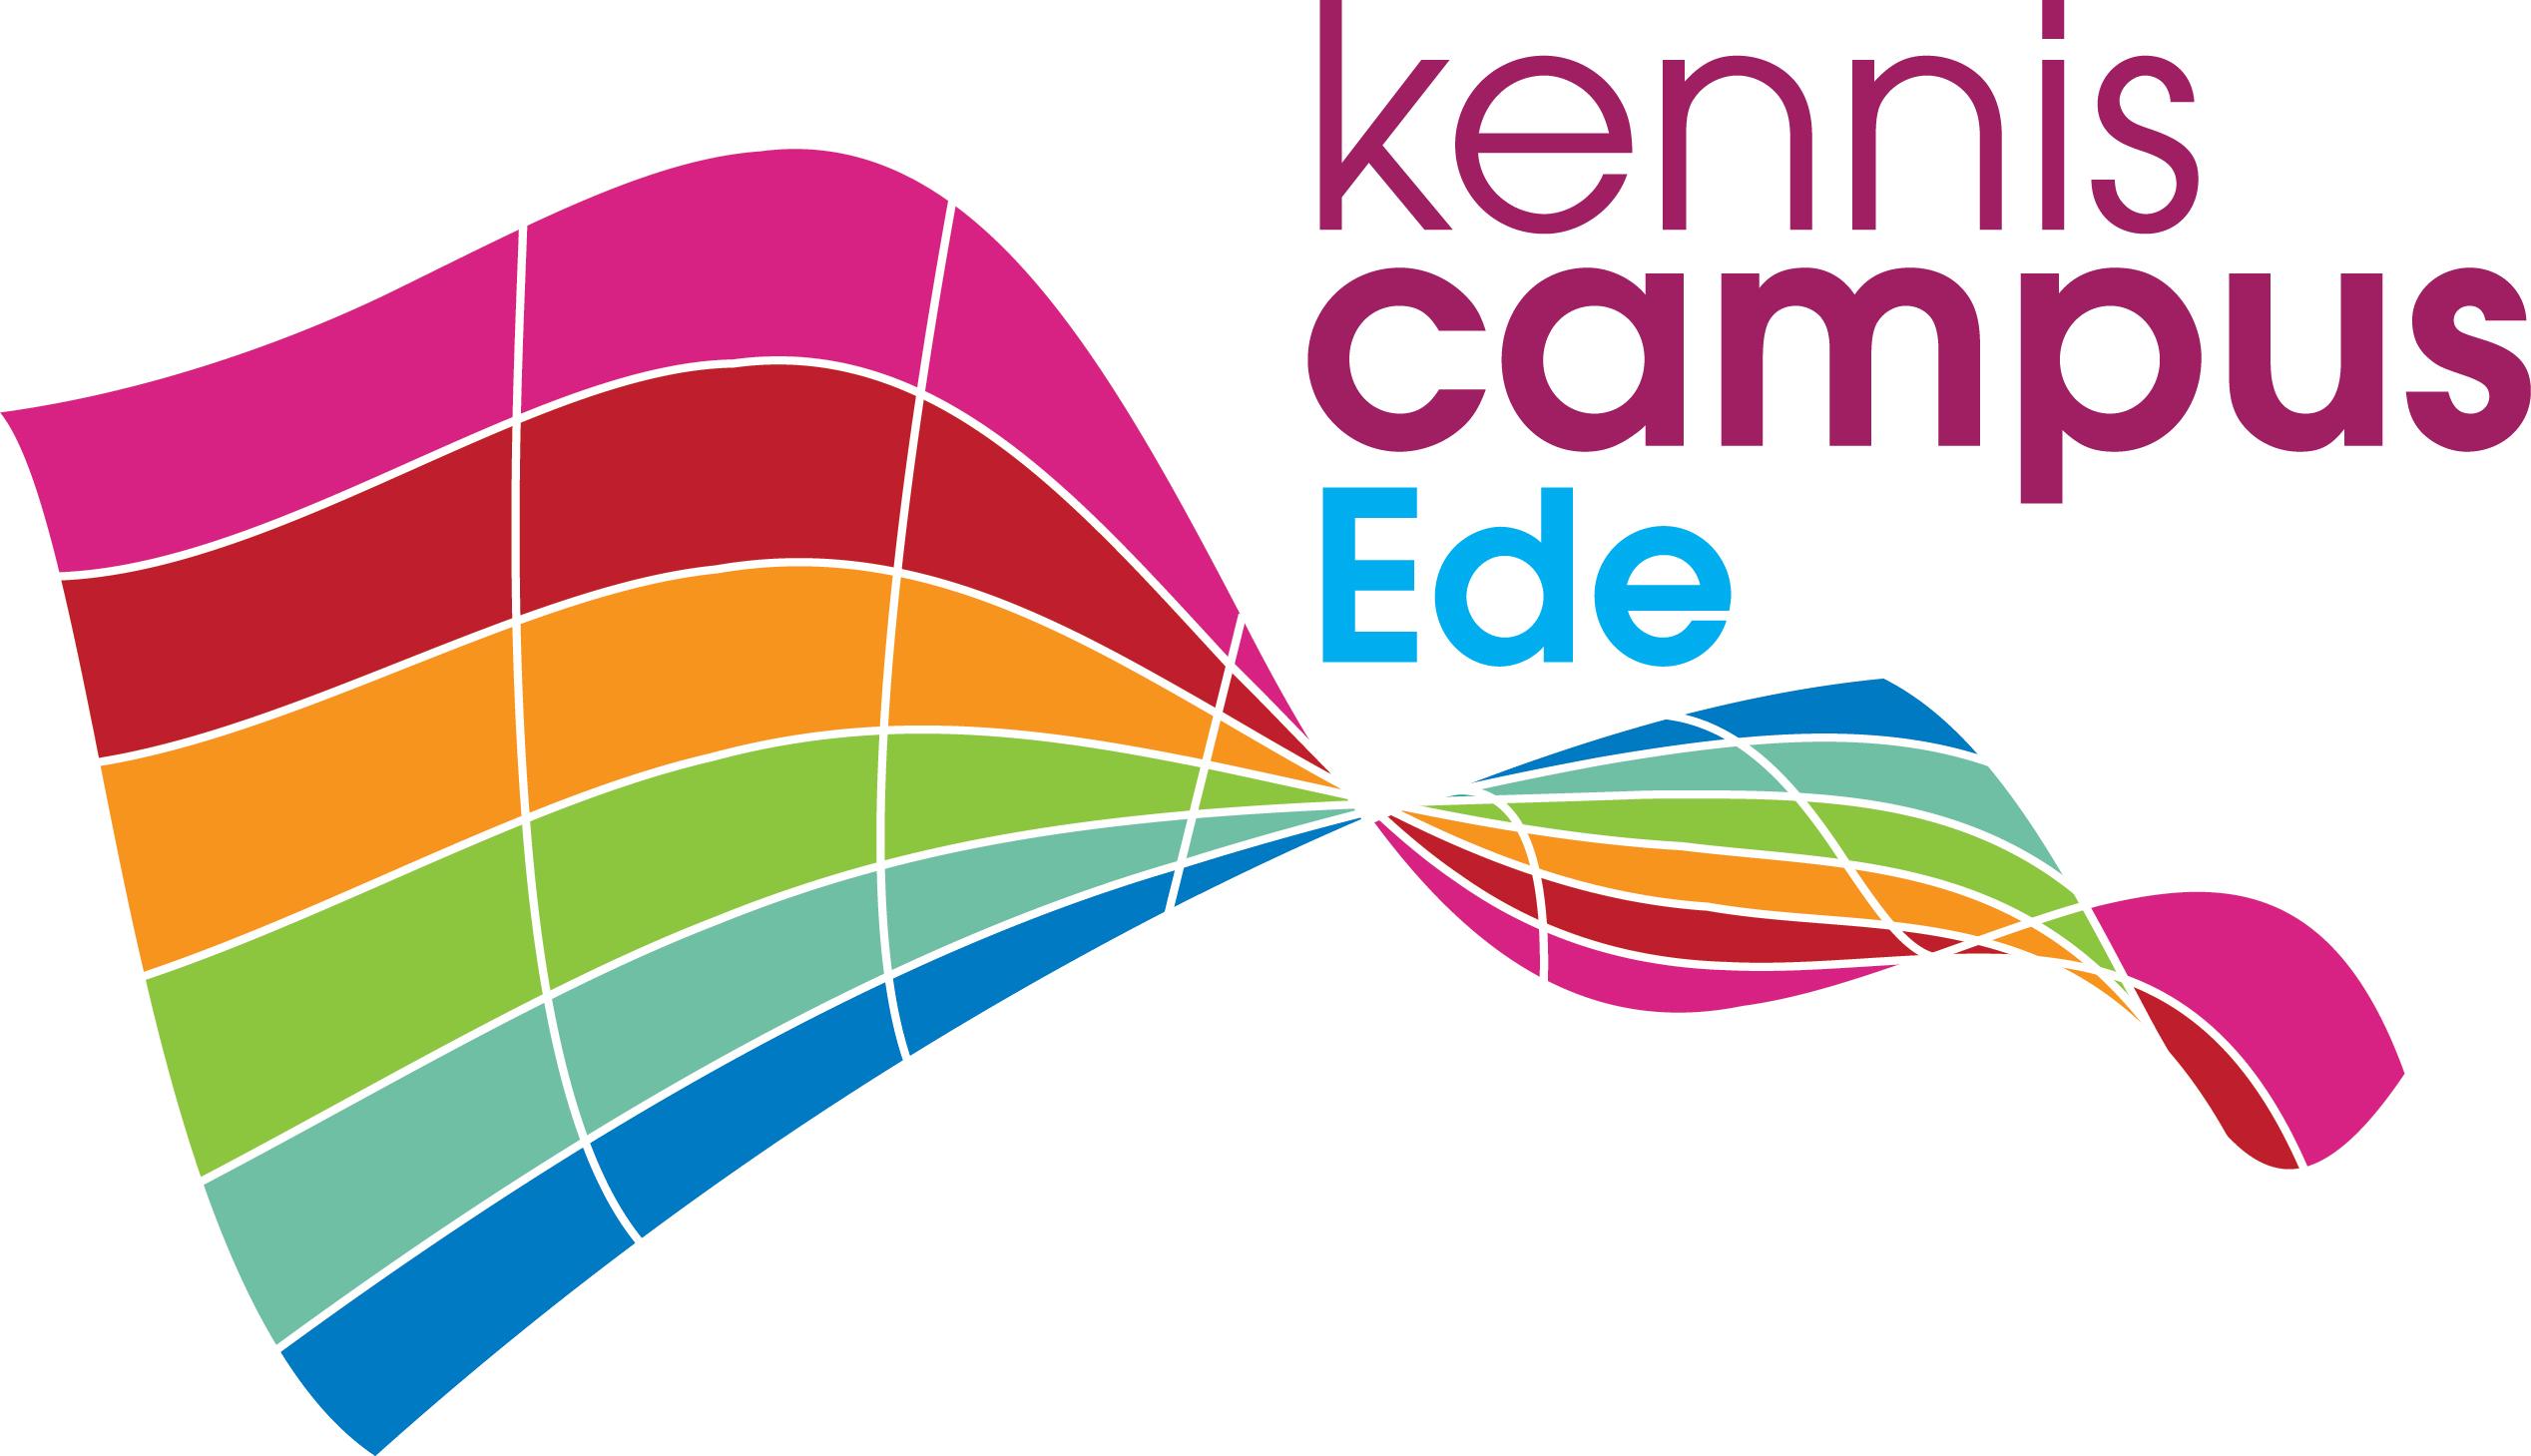 Kenniscampus Ede